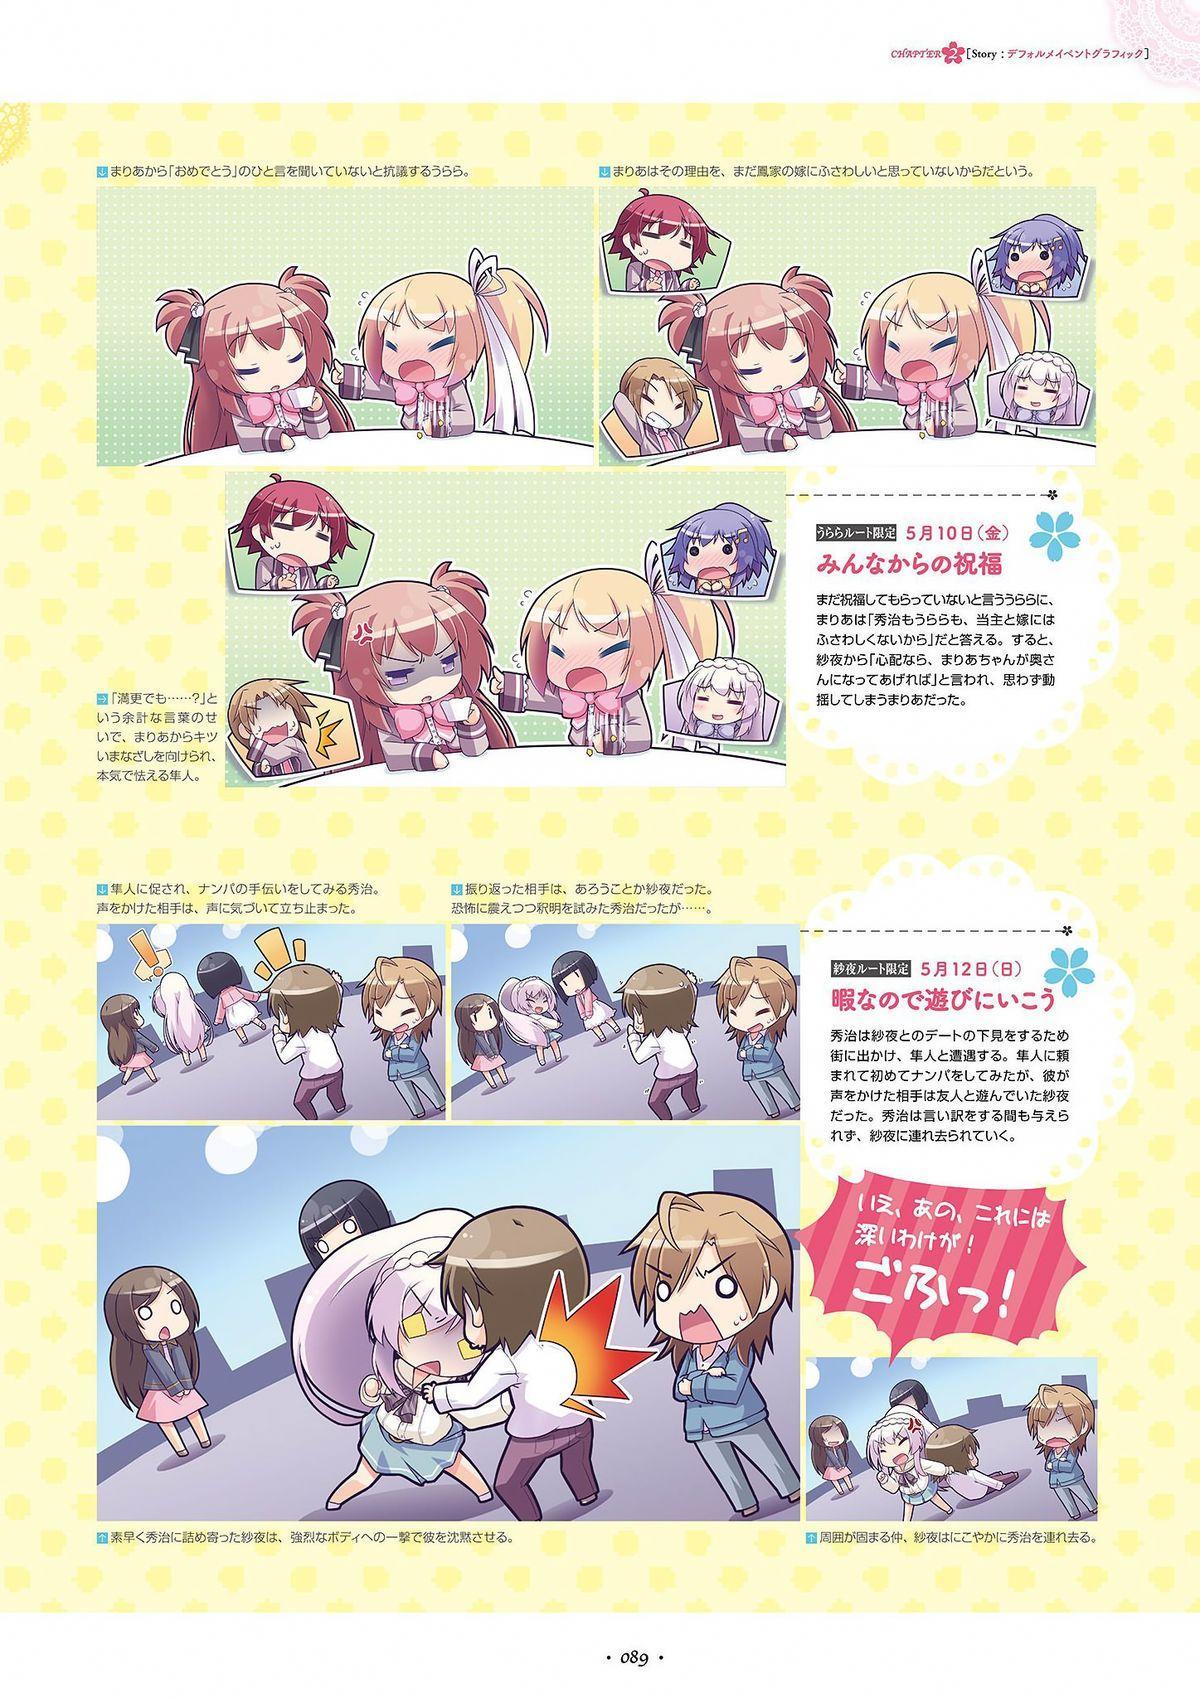 Shukufuku no Kane no Oto wa, Sakura-iro no Kaze to Tomo ni Visual Fanbook 90